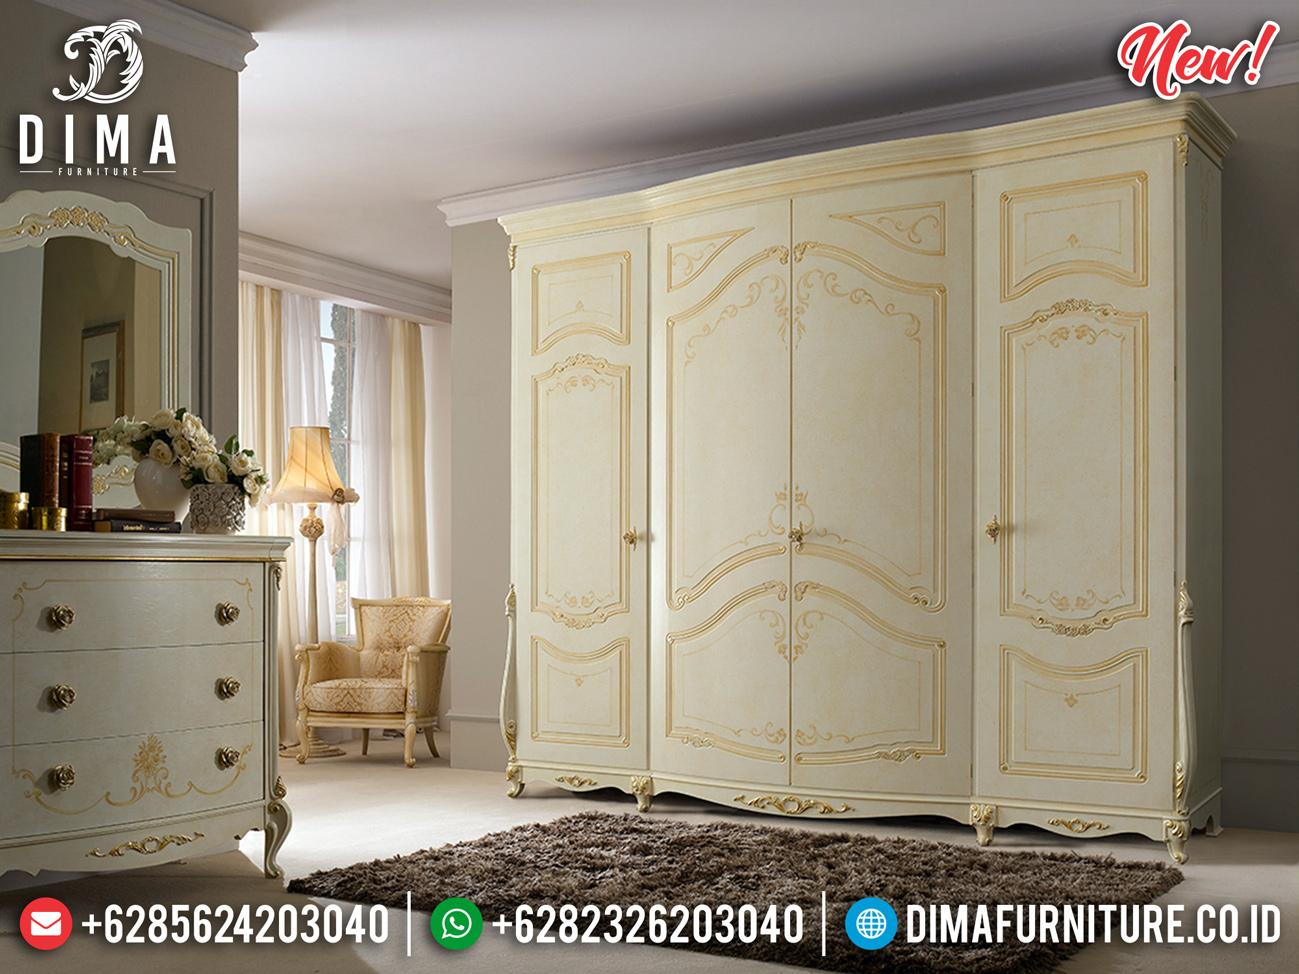 New Model Lemari Pakaian 4 Pintu Luxury Design Mebel Jepara Termewah BT-0782